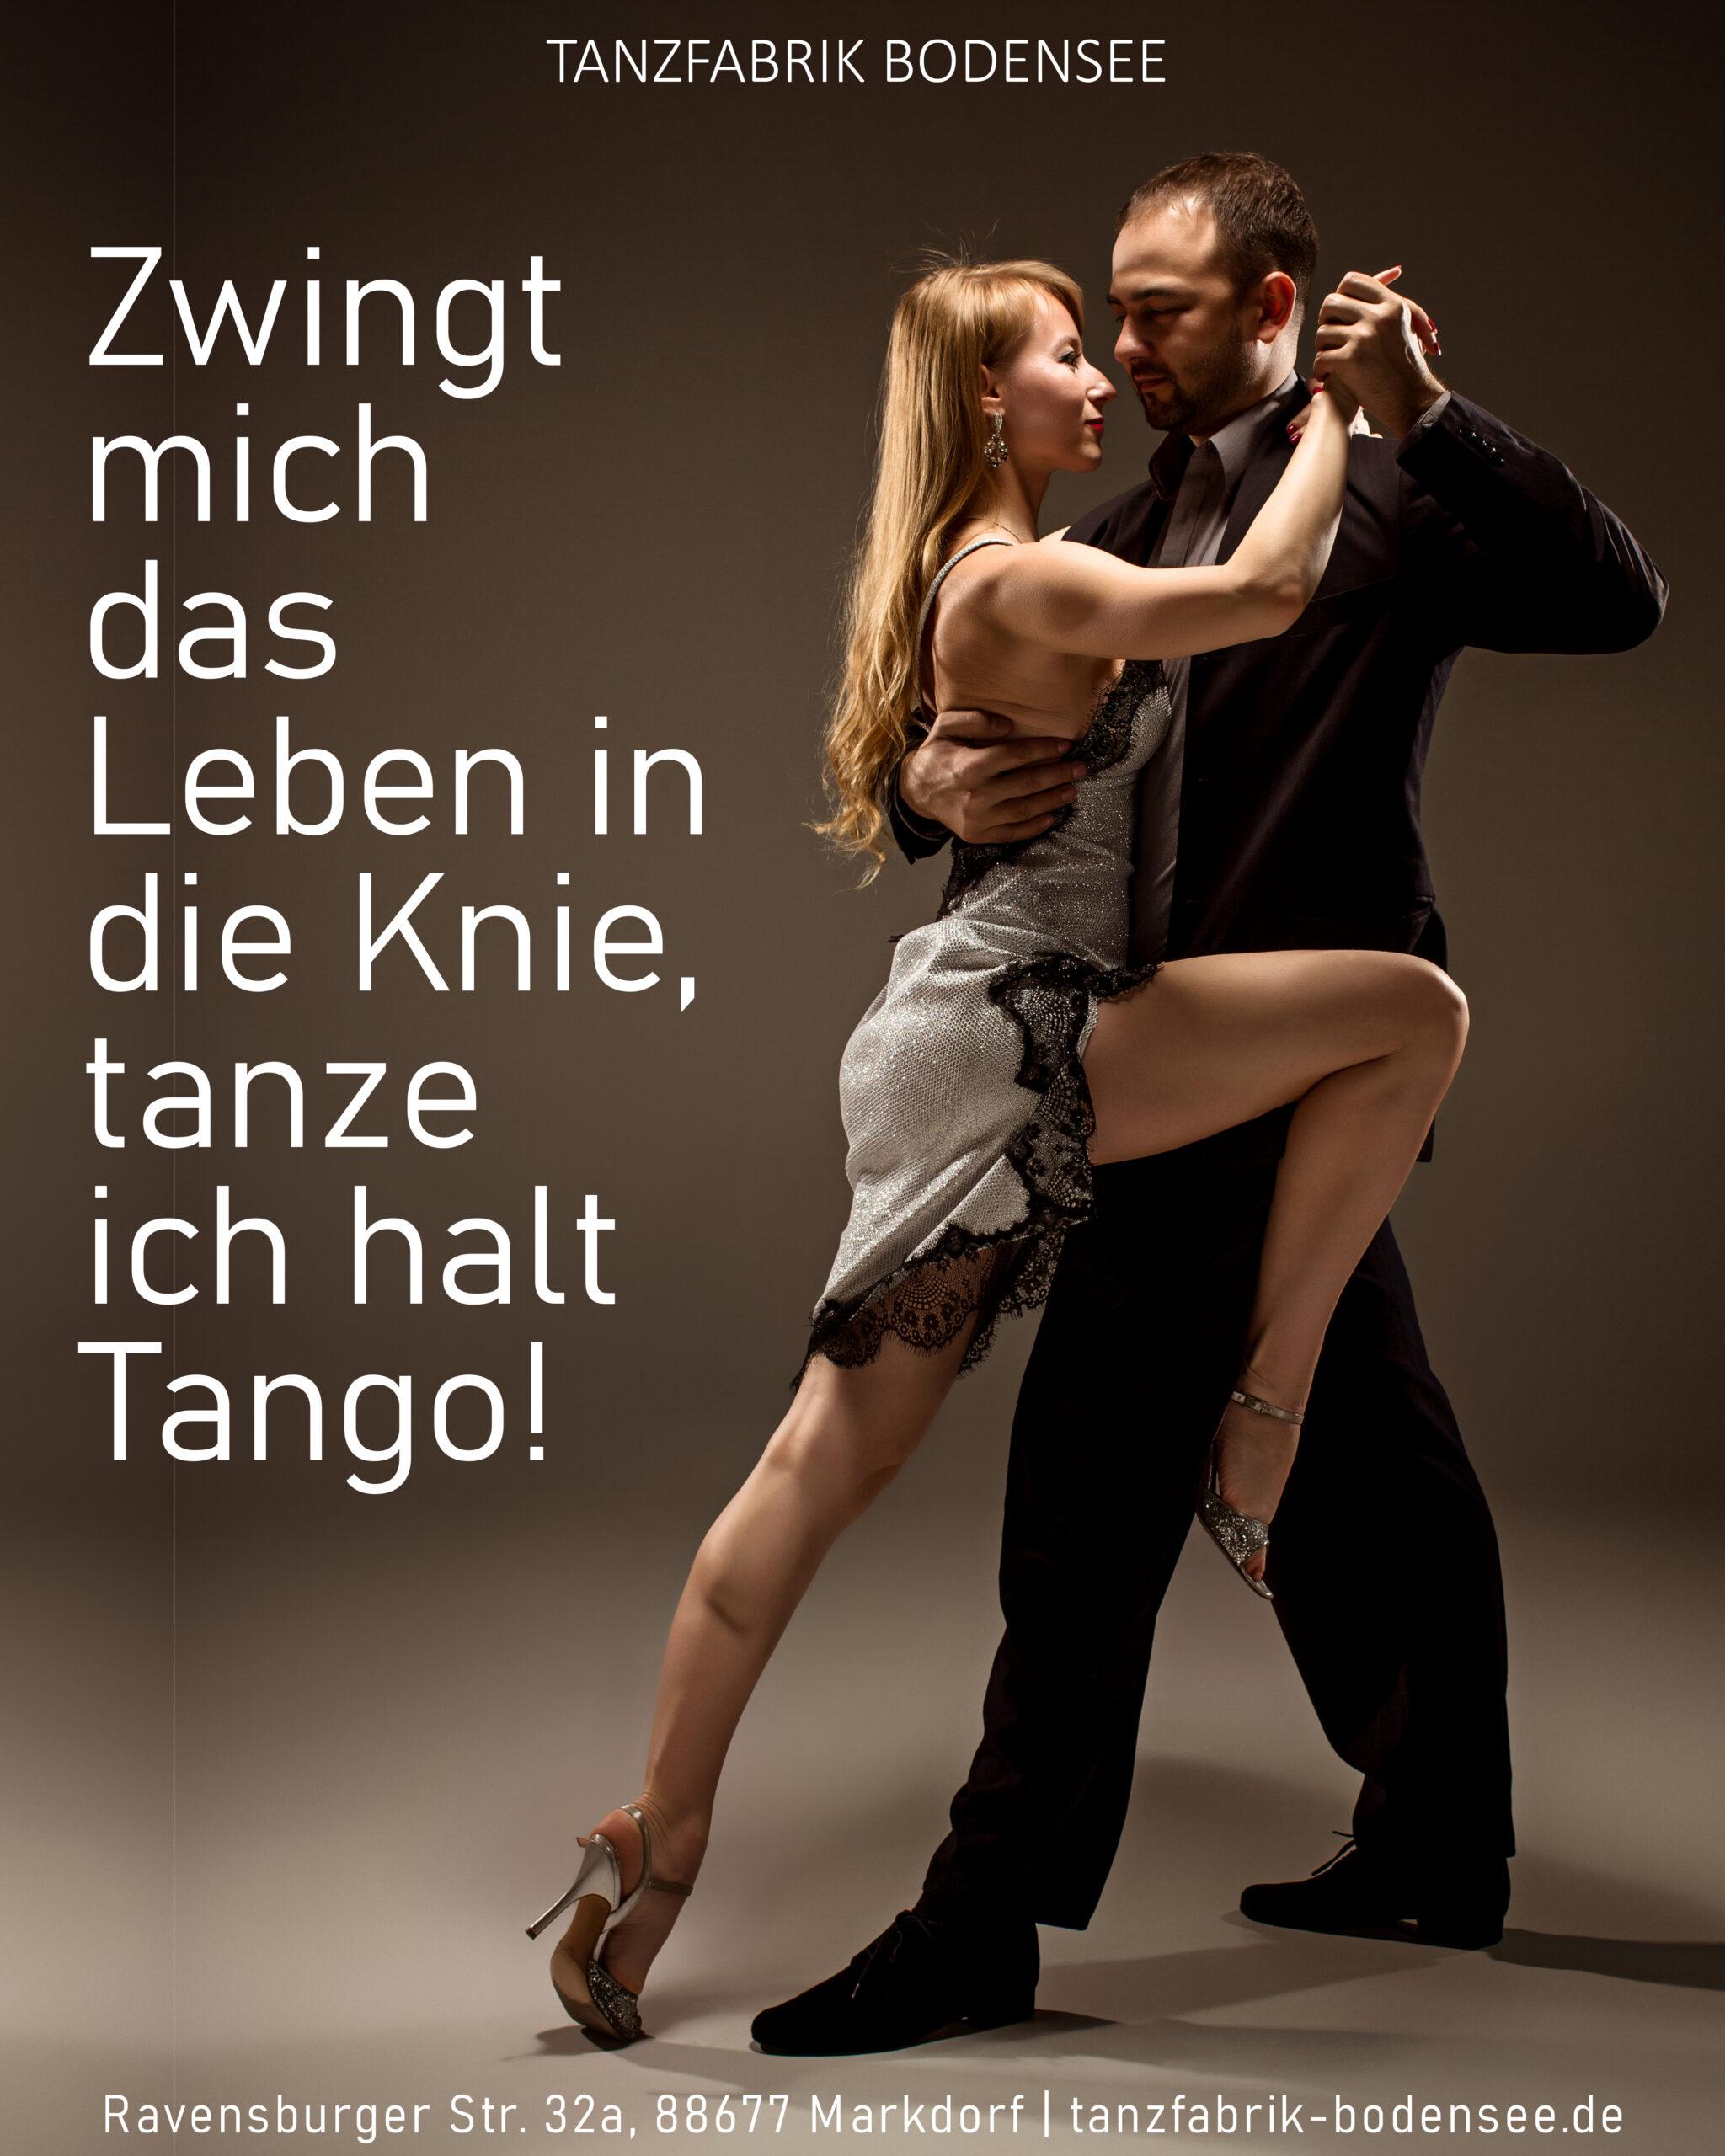 Zwingt mich das Leben in die Knie, tanze ich halt Tango